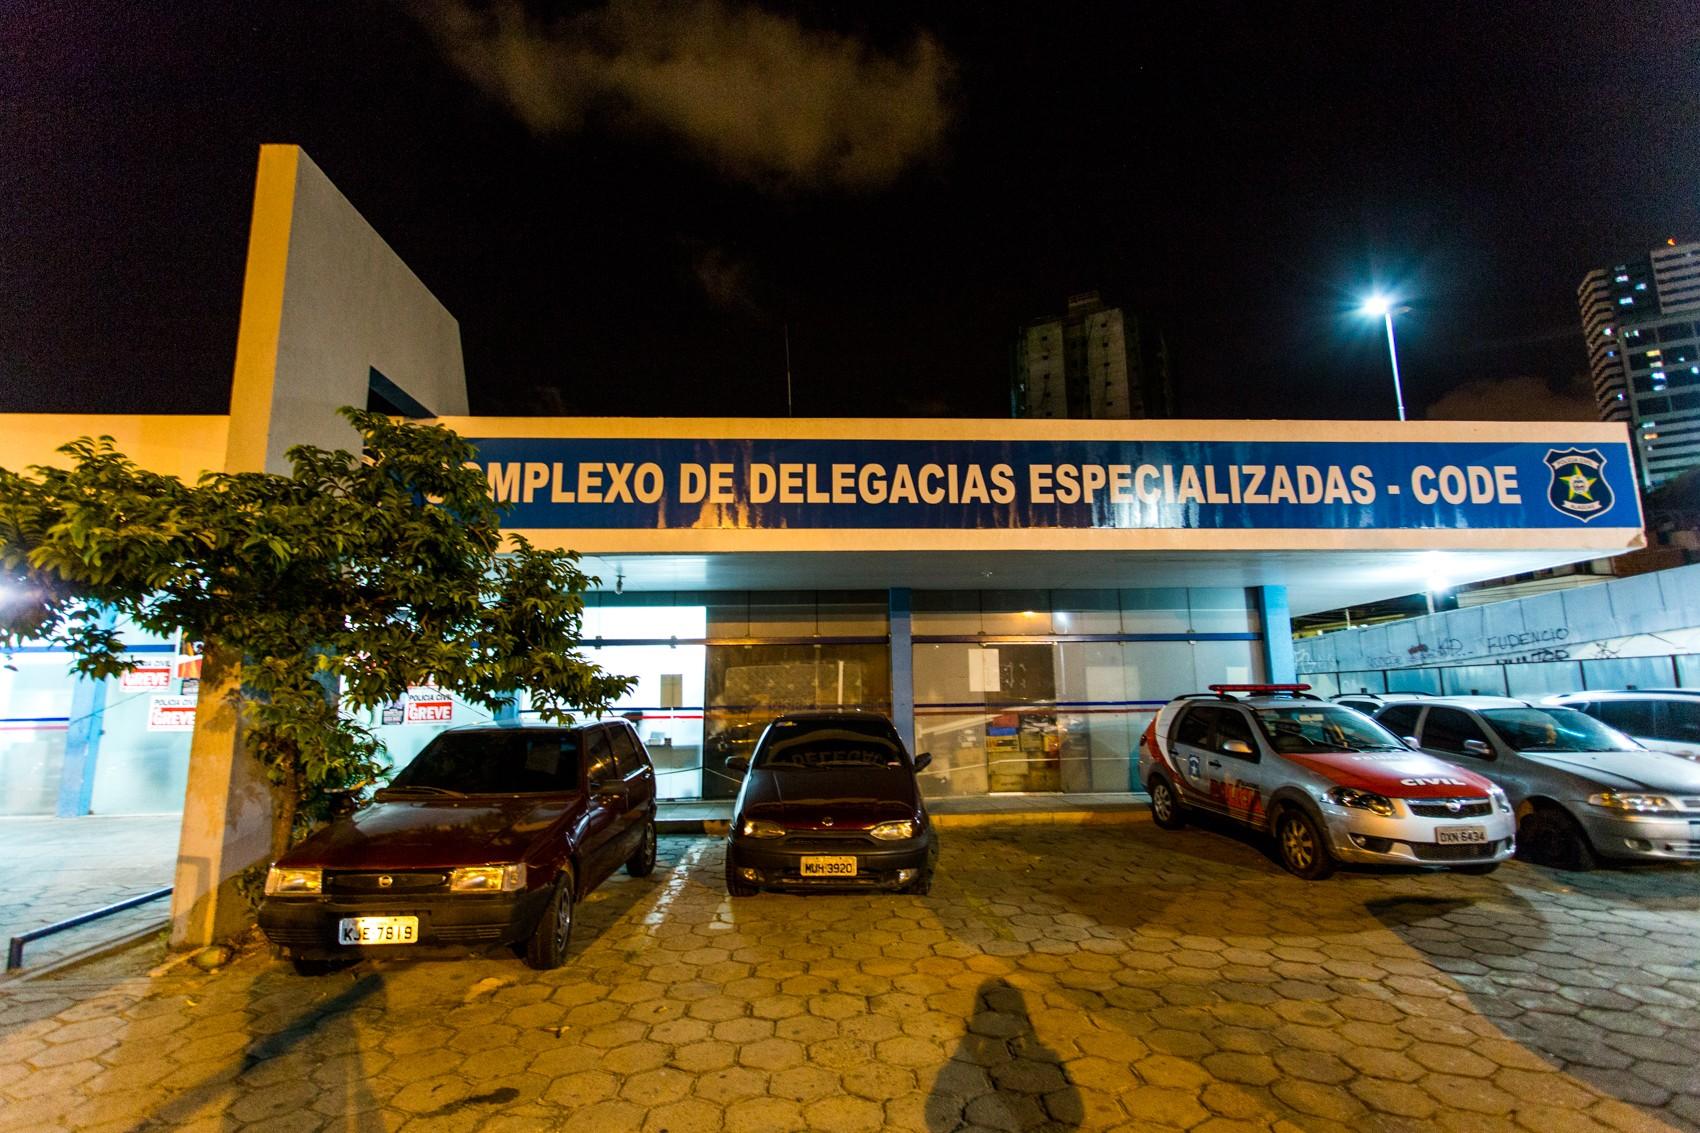 Homem é preso com 3 kg de cocaína no bairro do Jacintinho, em Maceió